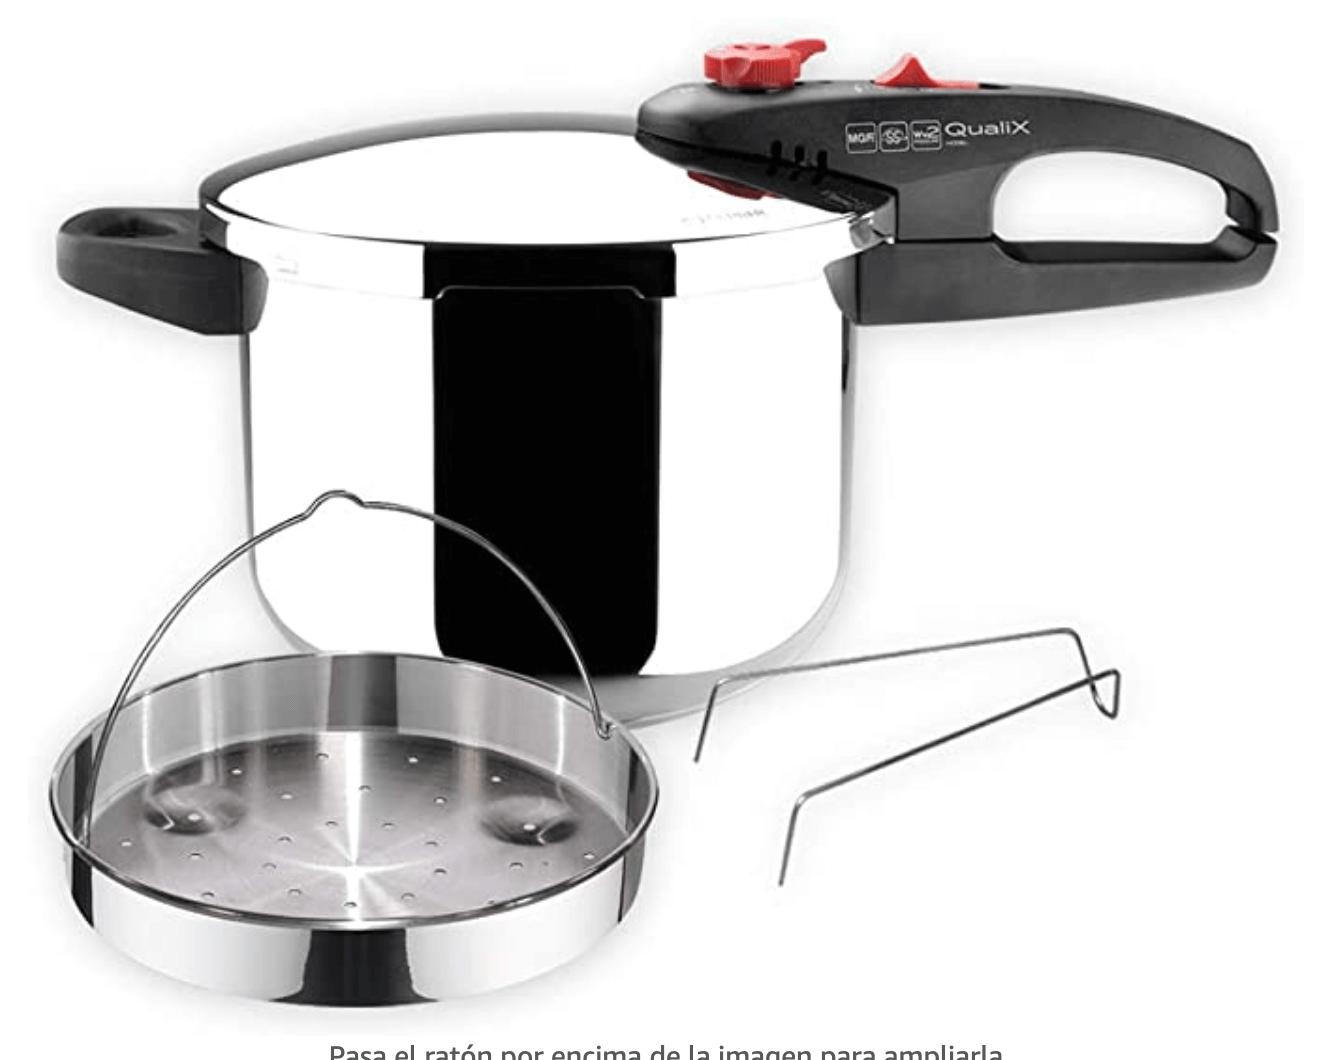 3. MAGEFESA DYNAMIC Olla a presión super rápida de fácil uso, acero inoxidable 18/10, apta para todo tipo de cocinas, incluido inducción. Pack exclusivo Olla+Cestillo. (6 LITROS)